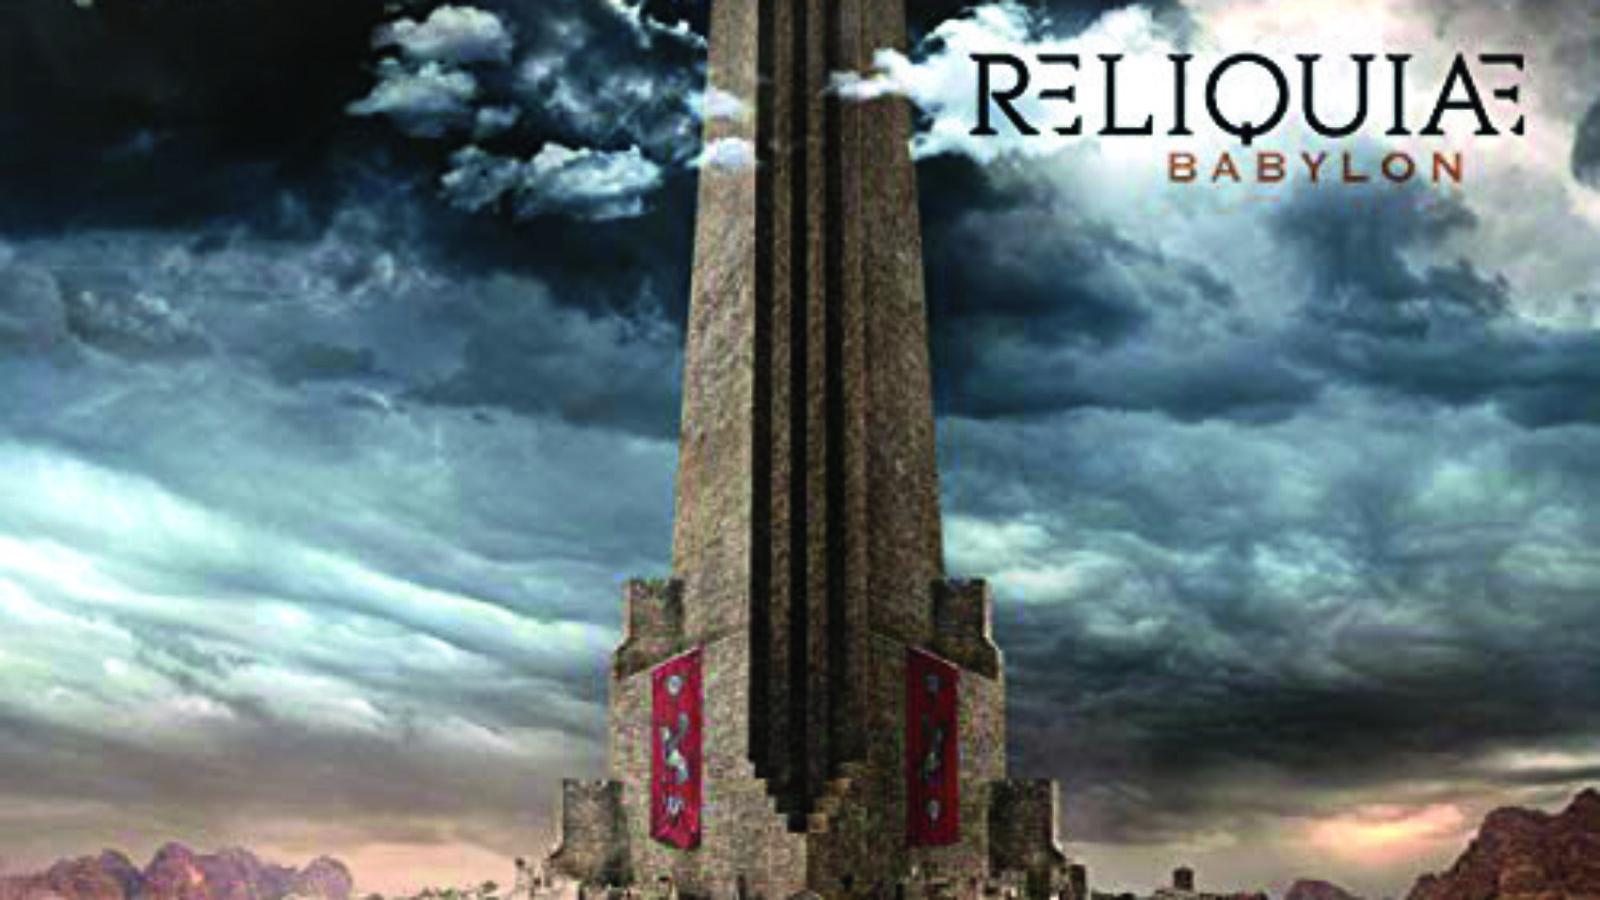 RELIQUIAE BABYLON